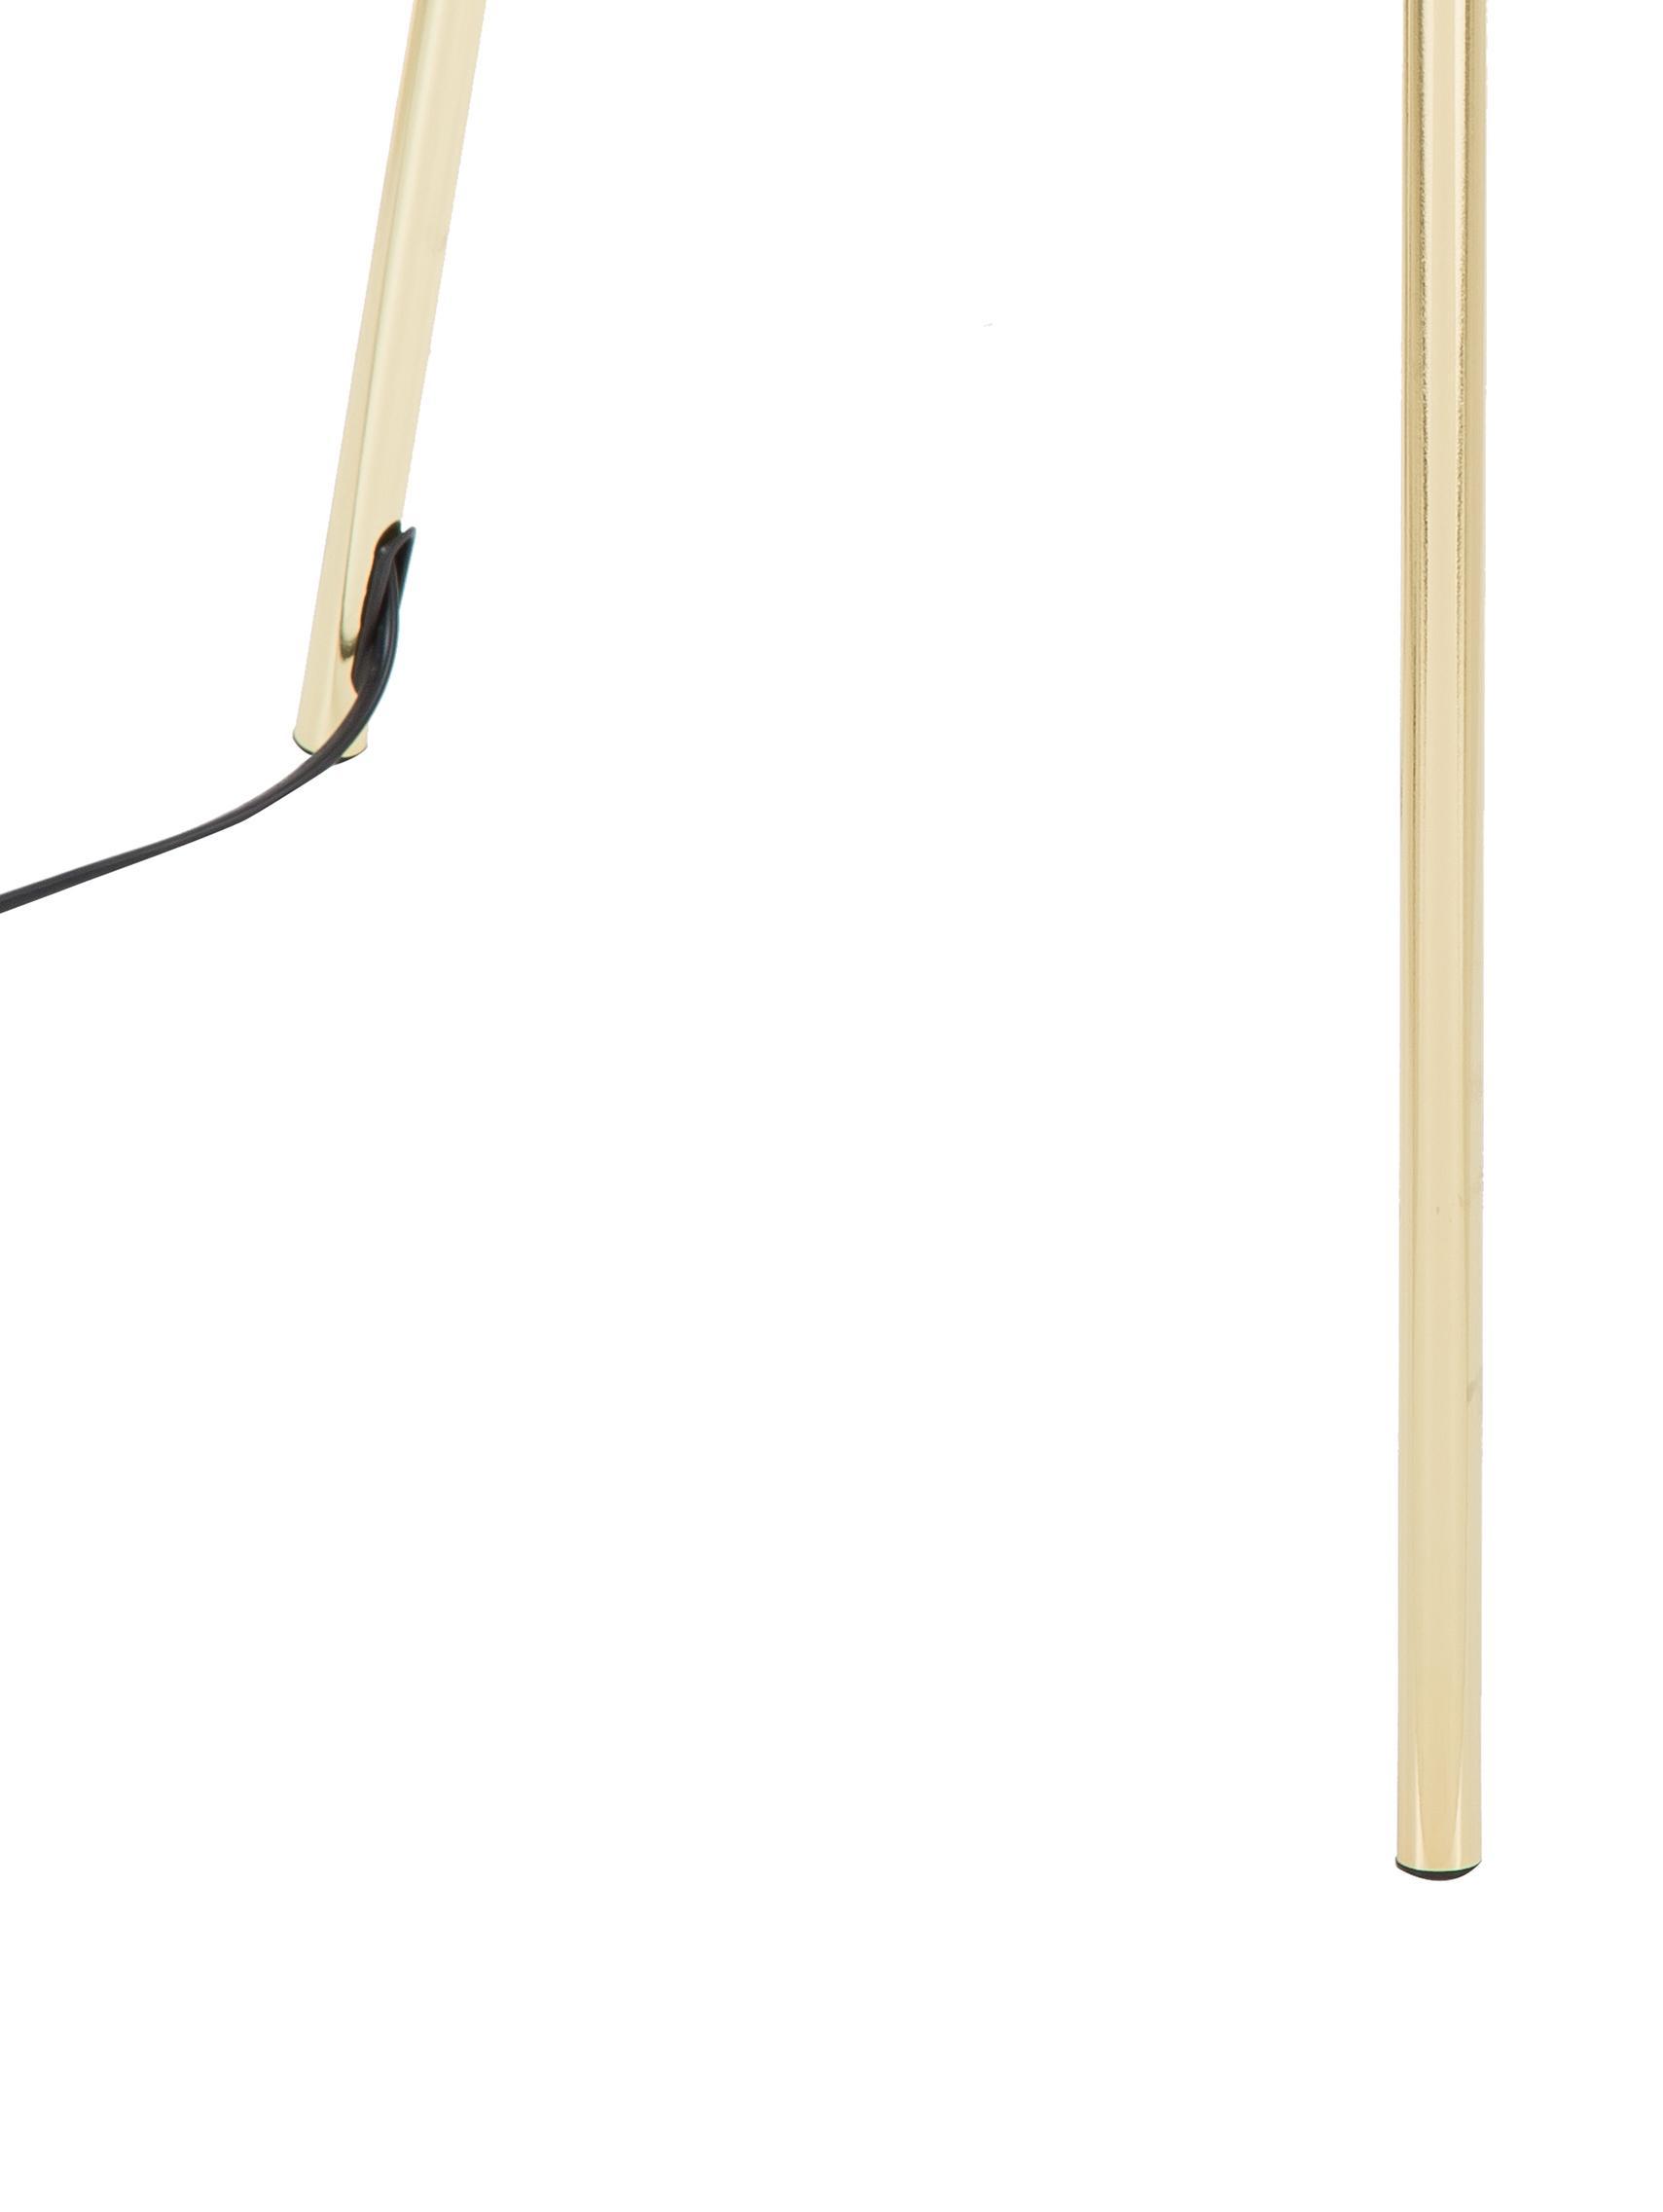 Lampada da terra Cella, Paralume: cotone, Base della lampada: metallo, Nero, dorato, Ø 45 x Alt. 148 cm